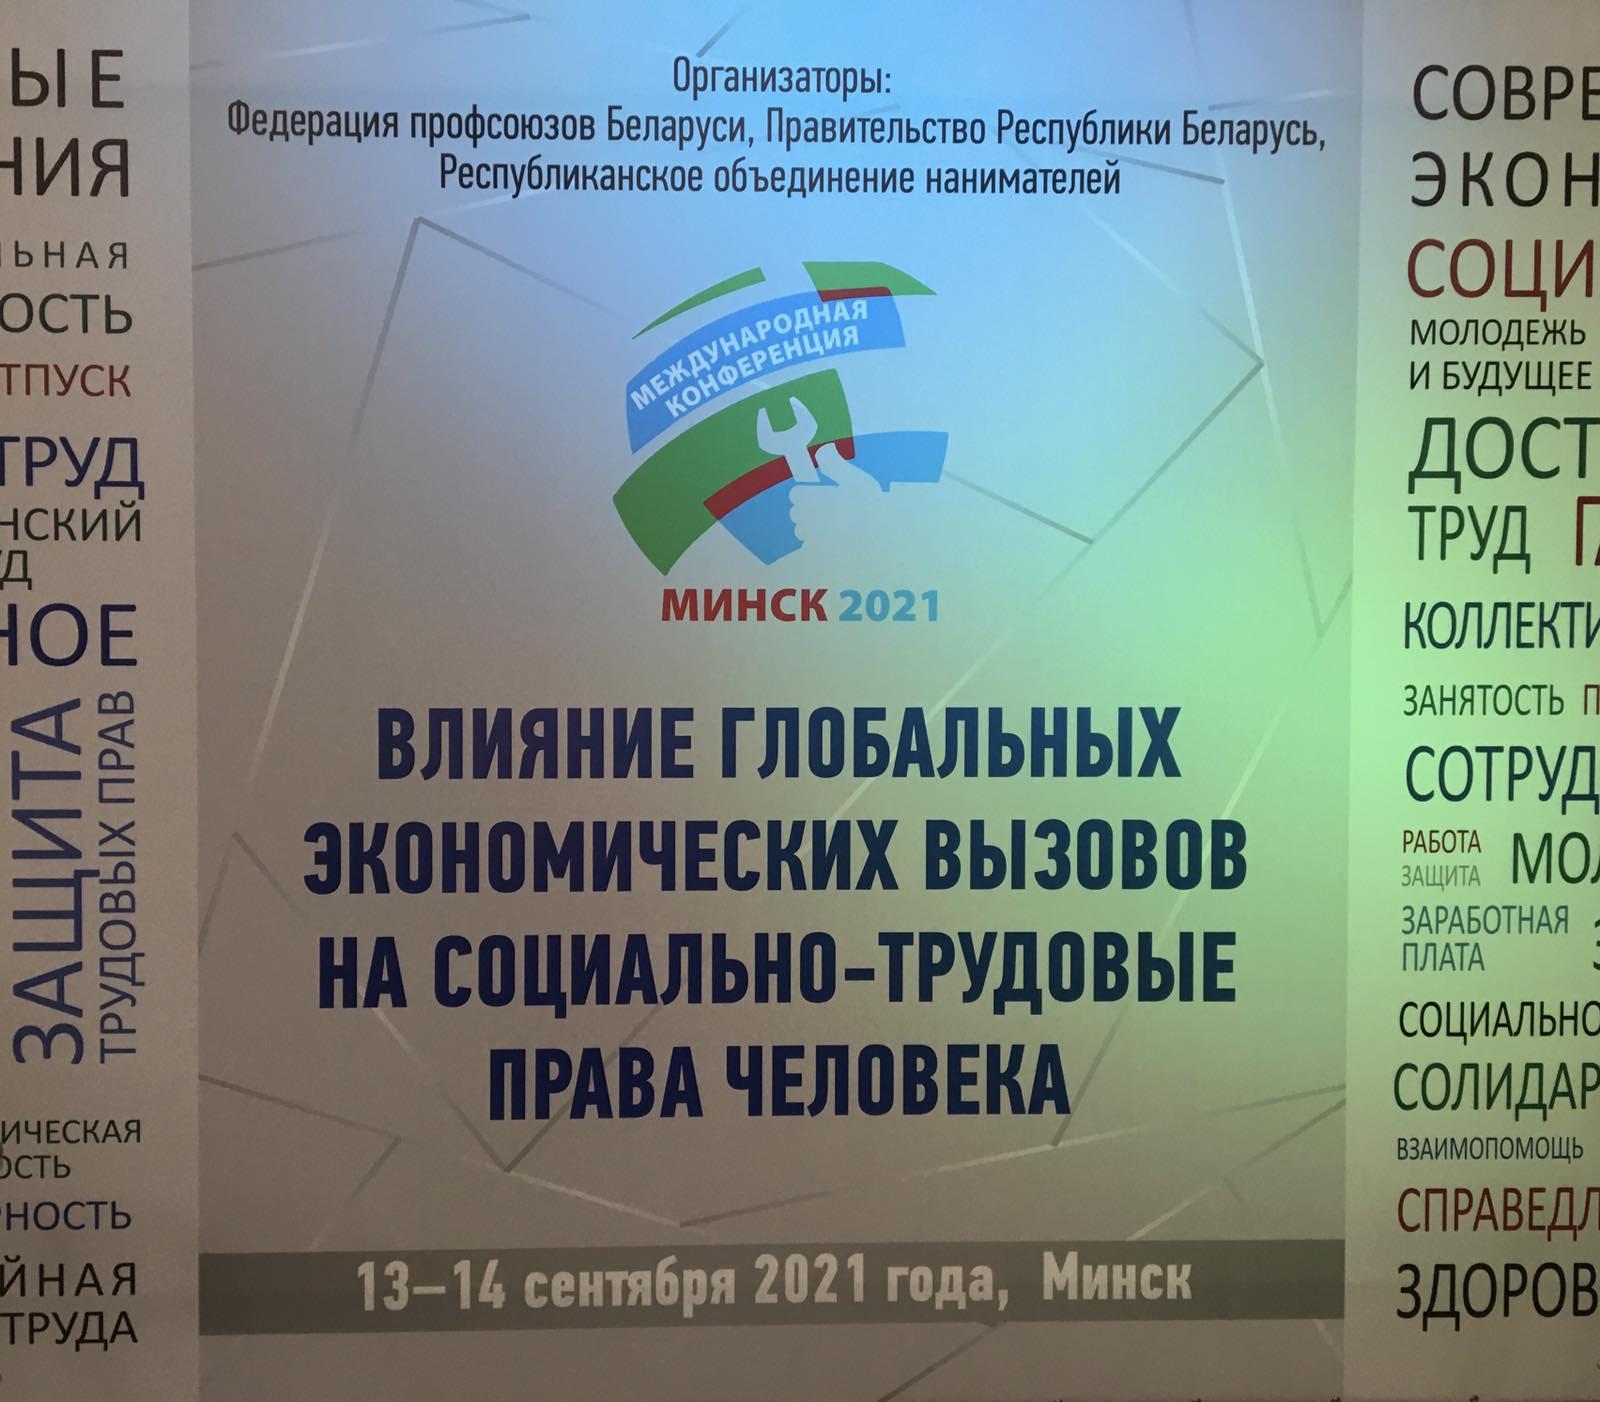 В Минске открывается Международная конференция «Влияние глобальных экономических вызовов на социально-трудовые права человека»